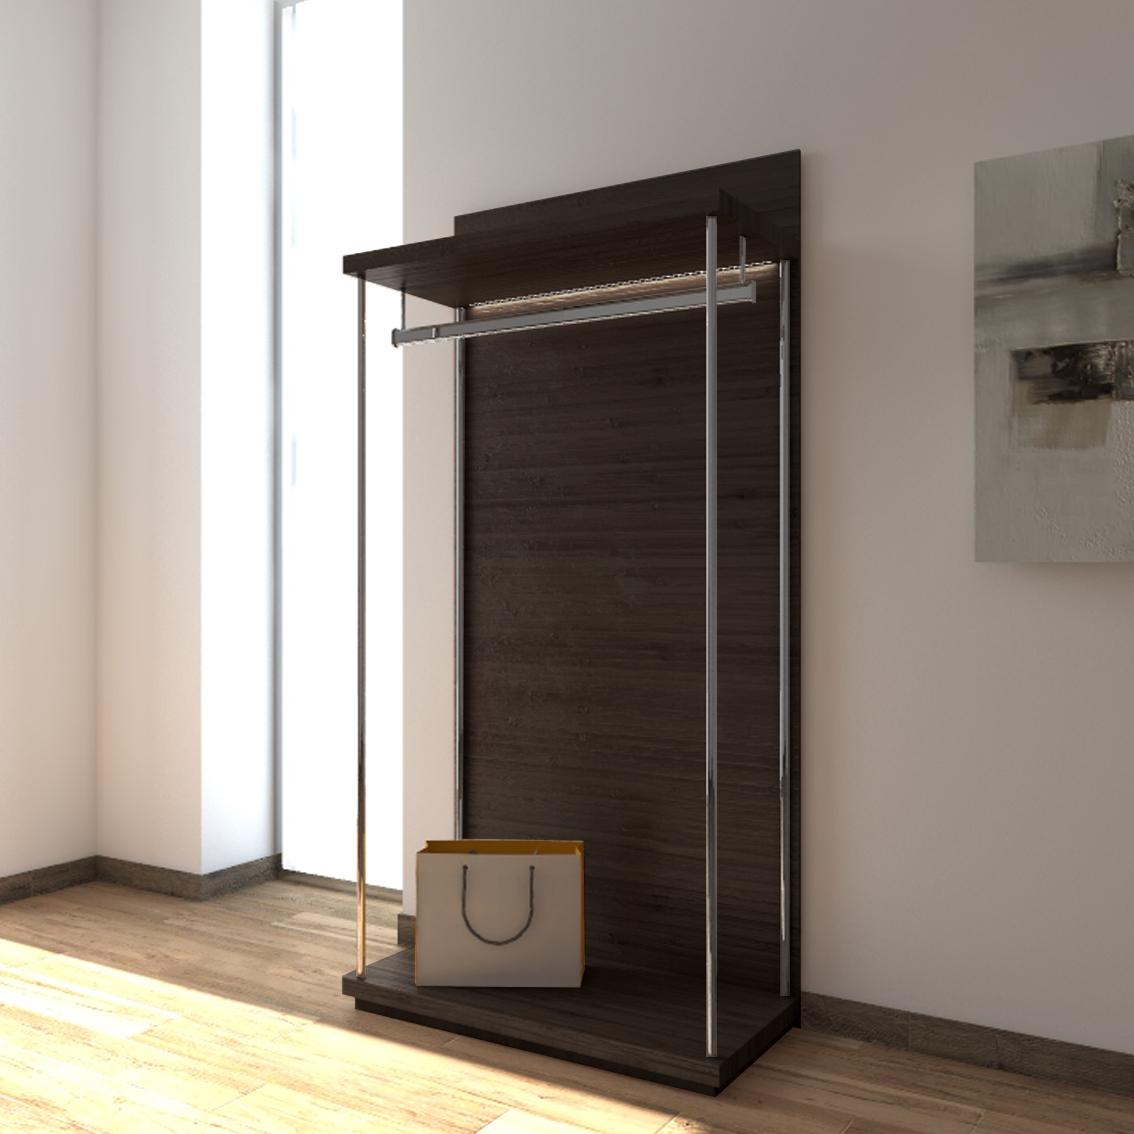 external walk-in closet module